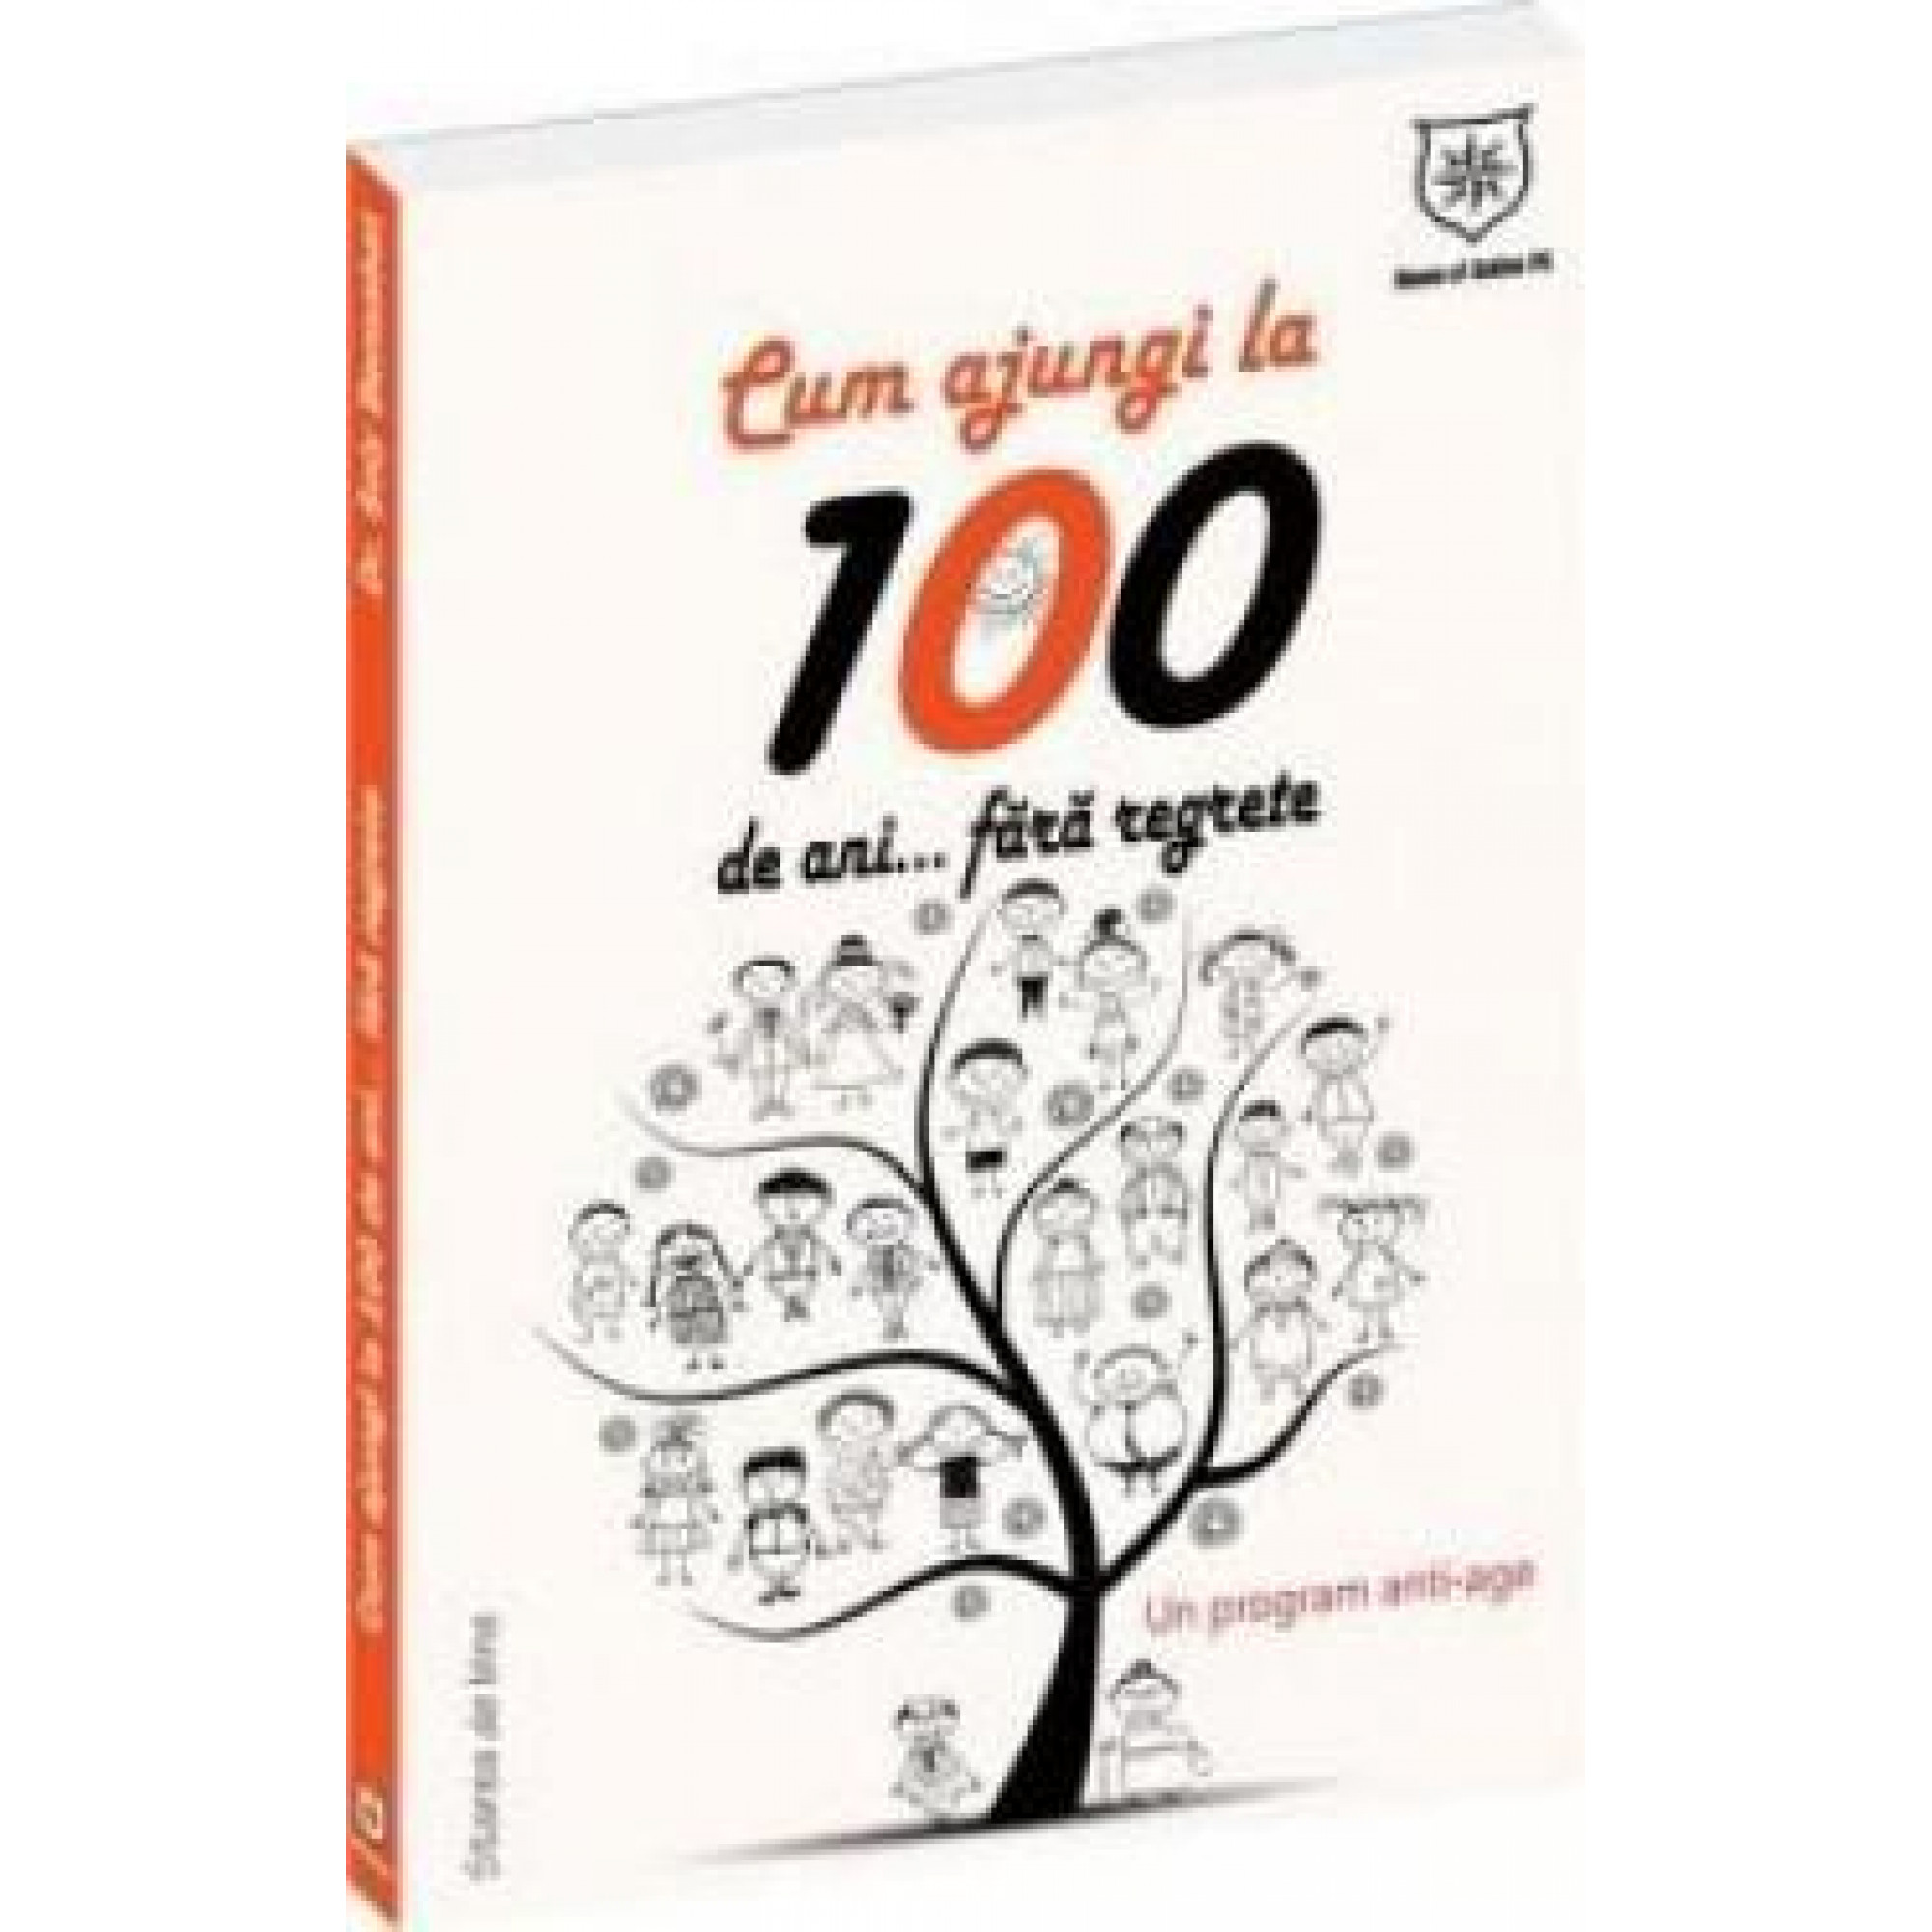 Cum să ajungi la 100 de ani... fără regrete! Un program anti-age; Soly Bensabat